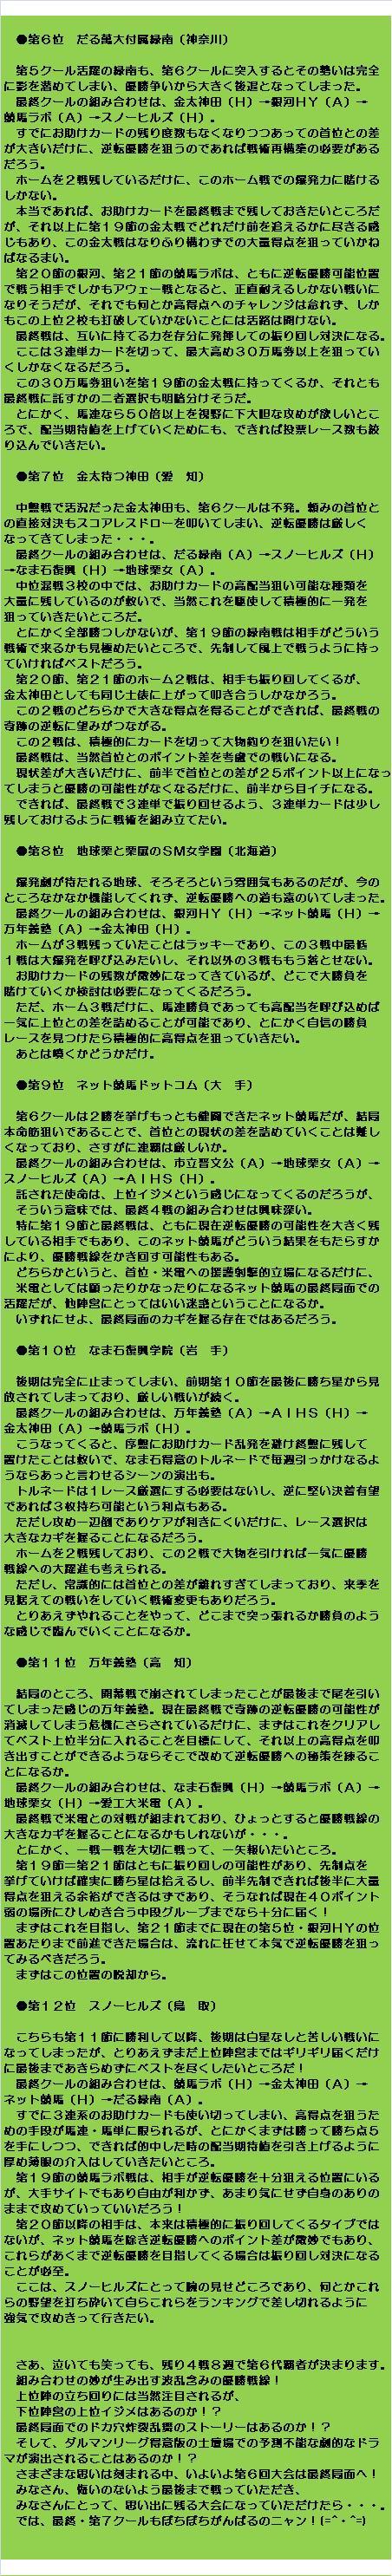 20150303・ダルマンリーグ第7クール展望②.jpg